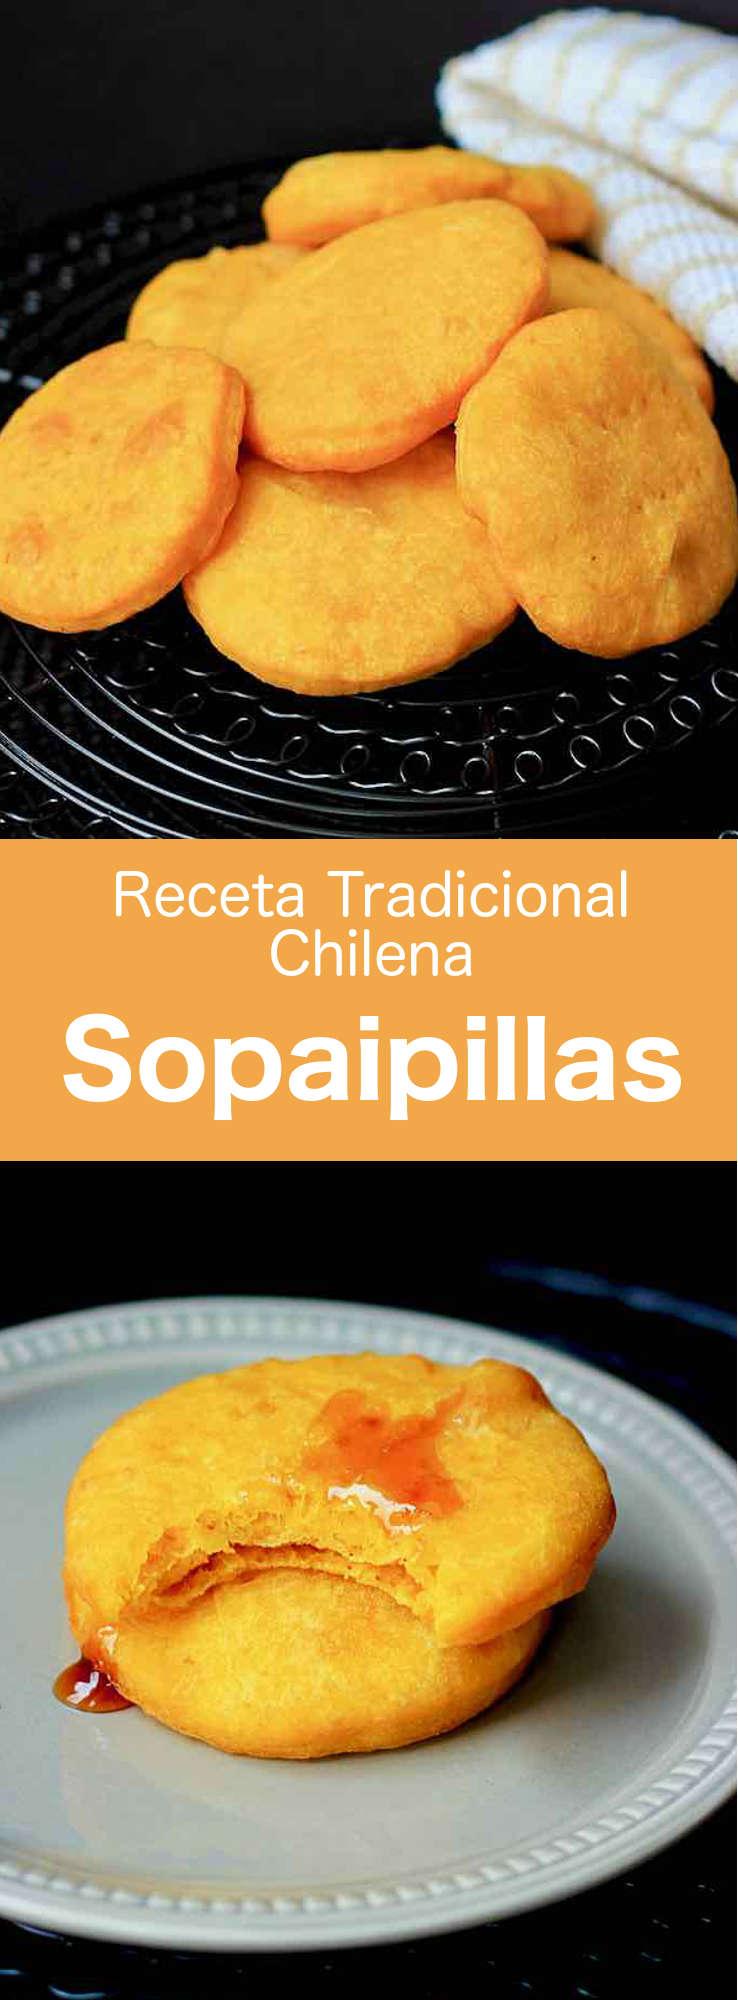 Sopaipillas Receta Tradicional Y Autentica Chilena 196 Flavors